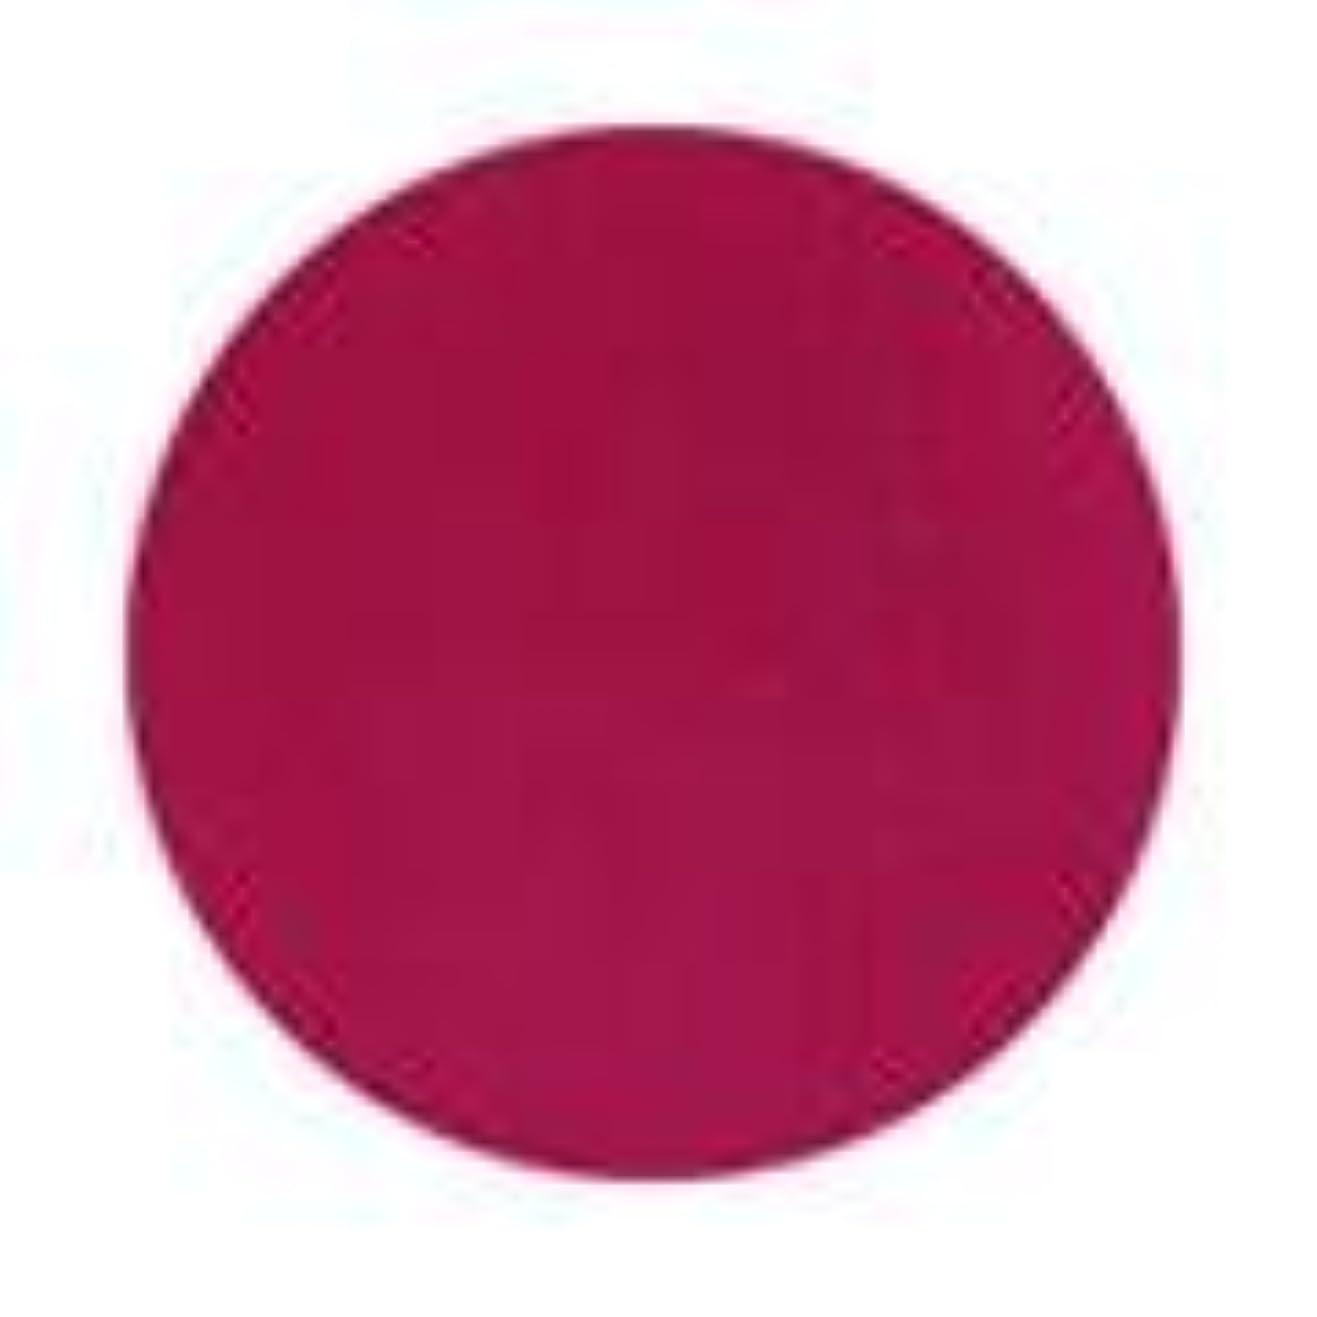 複合ロゴ時計Jessica ジェレレーション カラー 15ml  950 ワイルドベリーズ